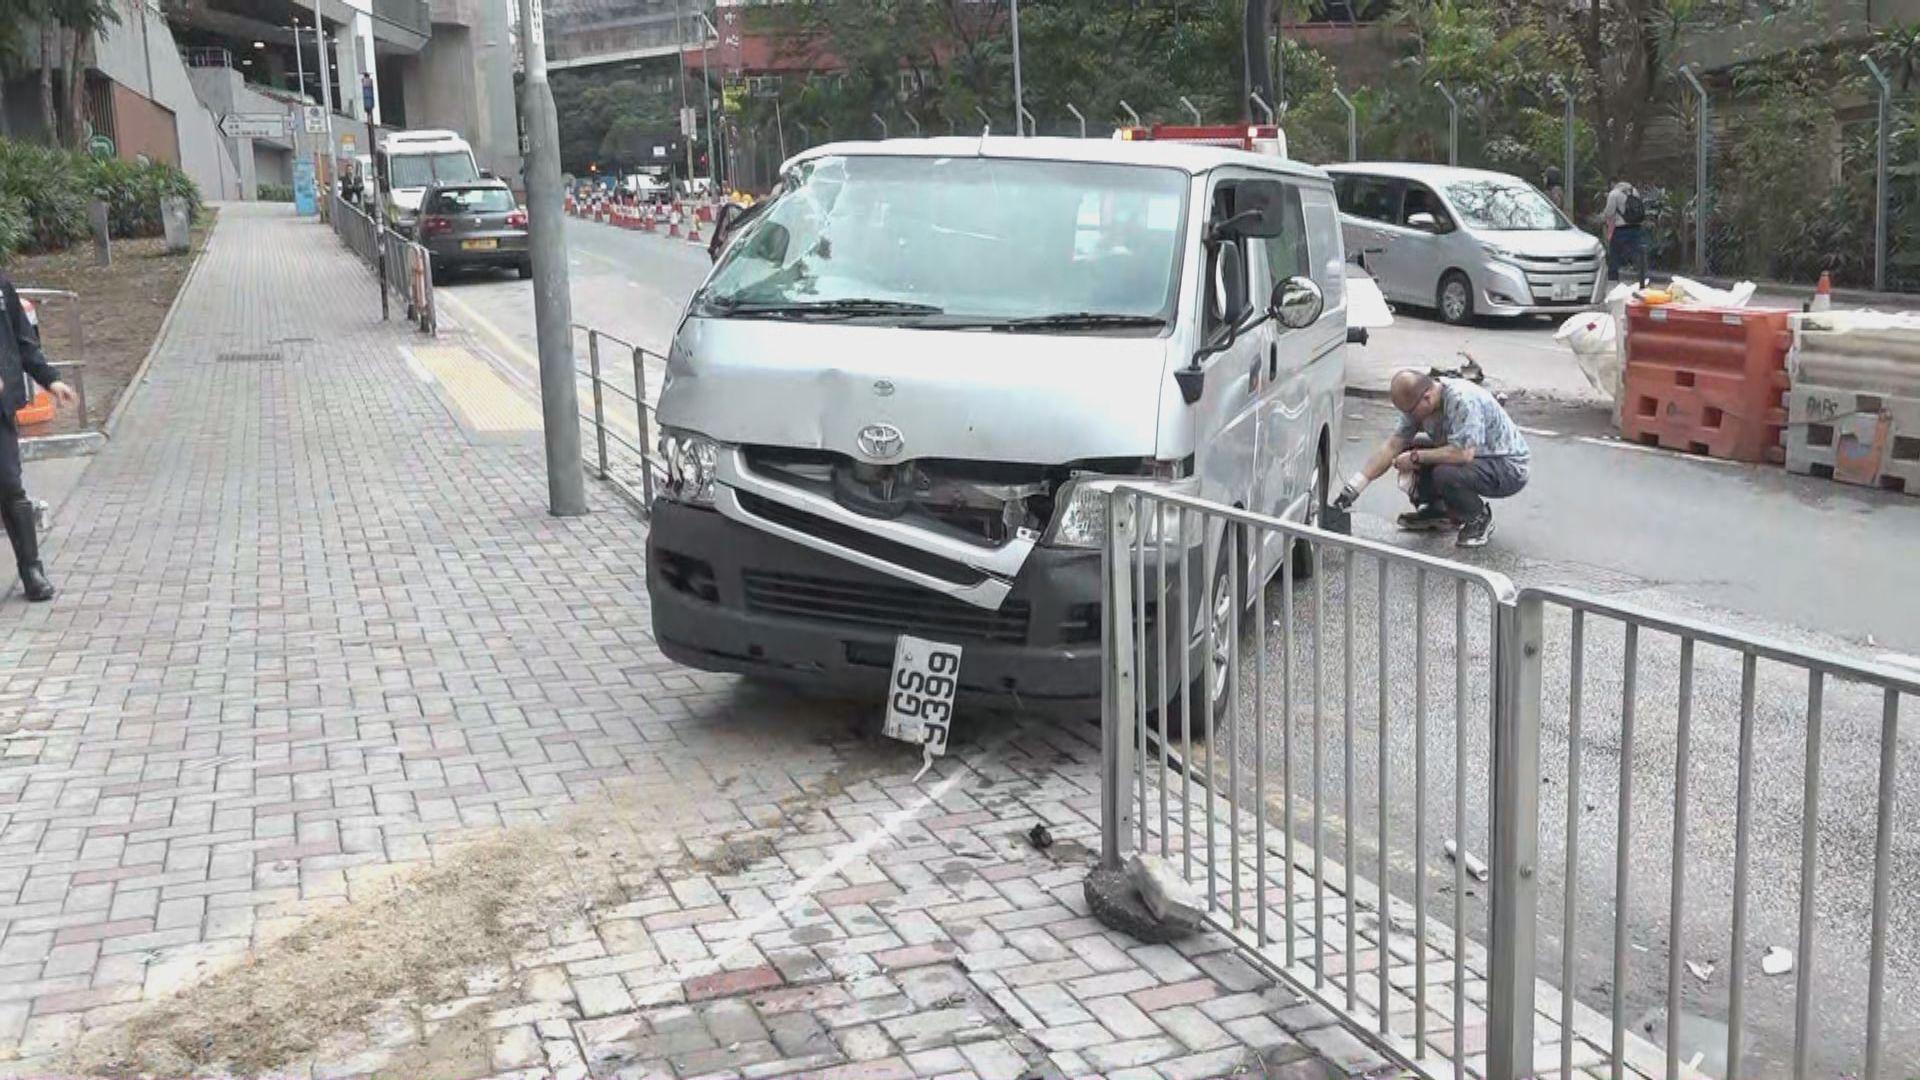 油塘客貨車衝上行人路撞傷兩途人 司機輕傷